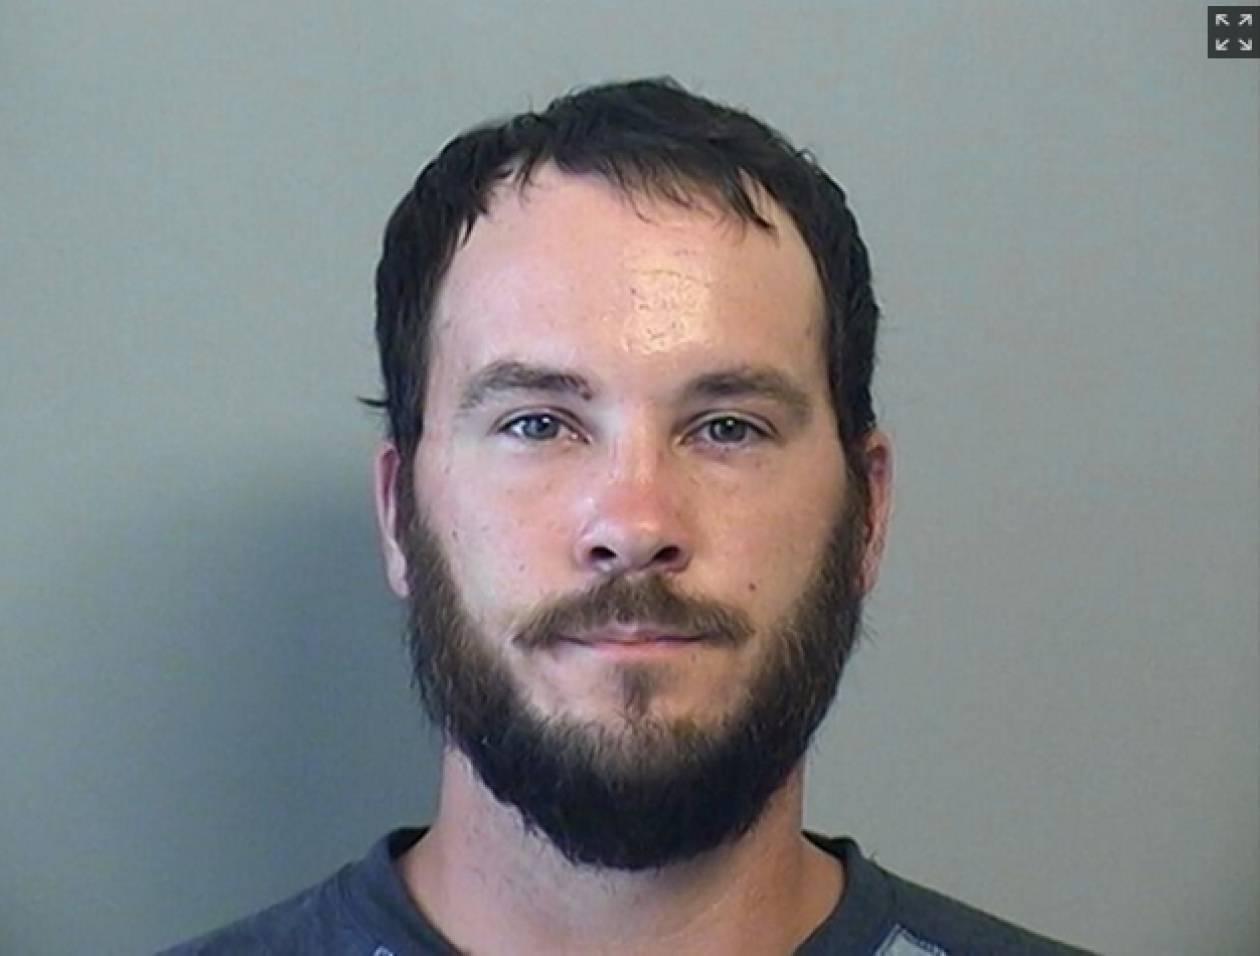 ΗΠΑ: Έκπληκτος που τον συνέλαβαν! Αυνανιζόταν δημοσίως μέρα μεσημέρι…